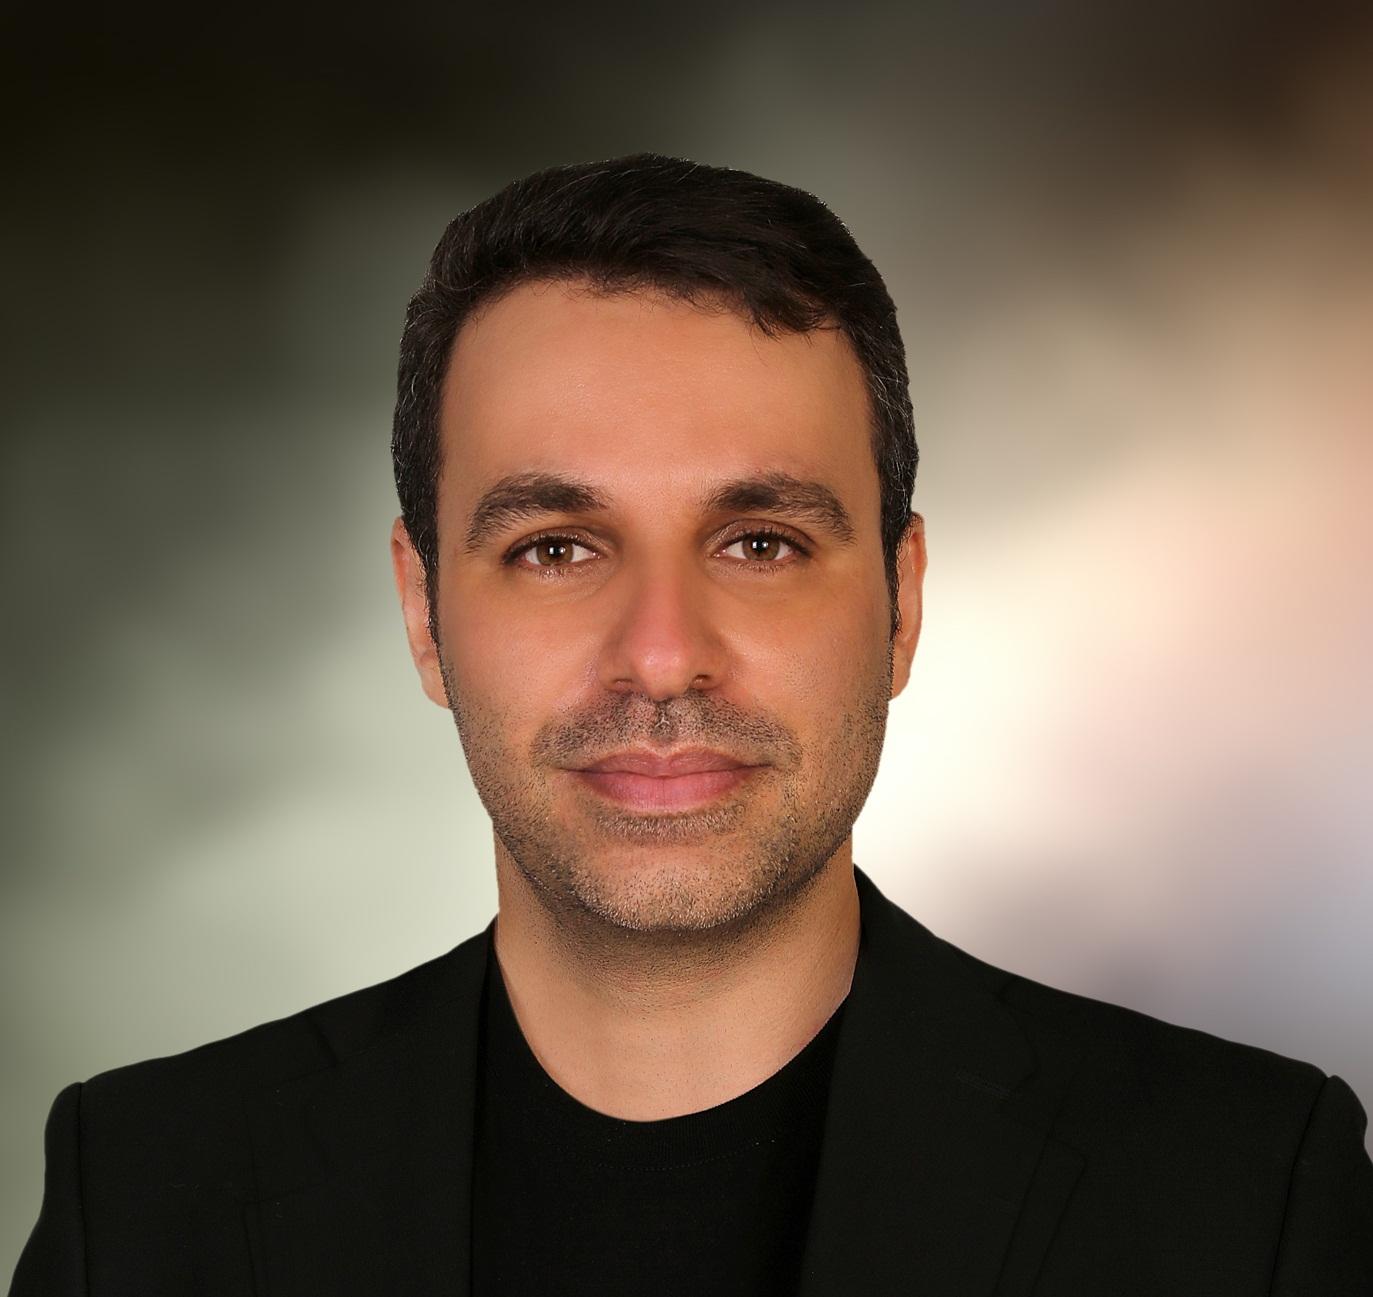 مشاوره پزشکی آنلاین با دکتر حمیدرضا محمودی